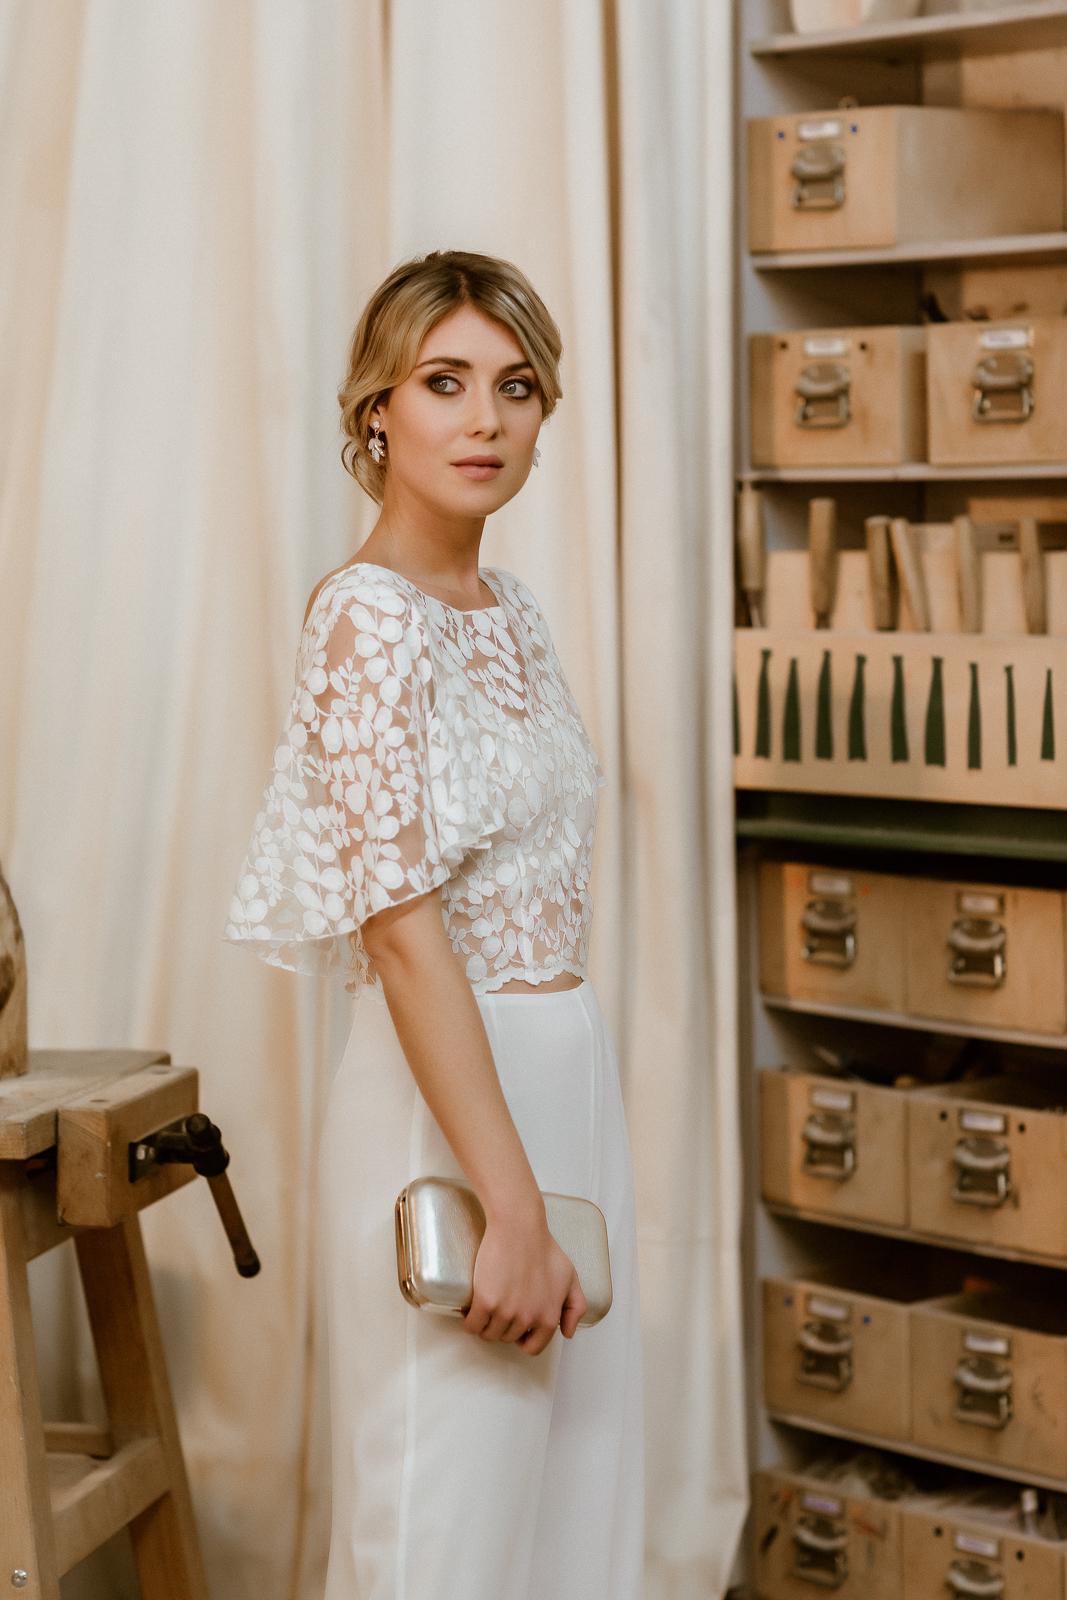 Lange Brauthose und Spitzentop mit Volants für zweiteiligen Hosenanzug, Halb-Profil